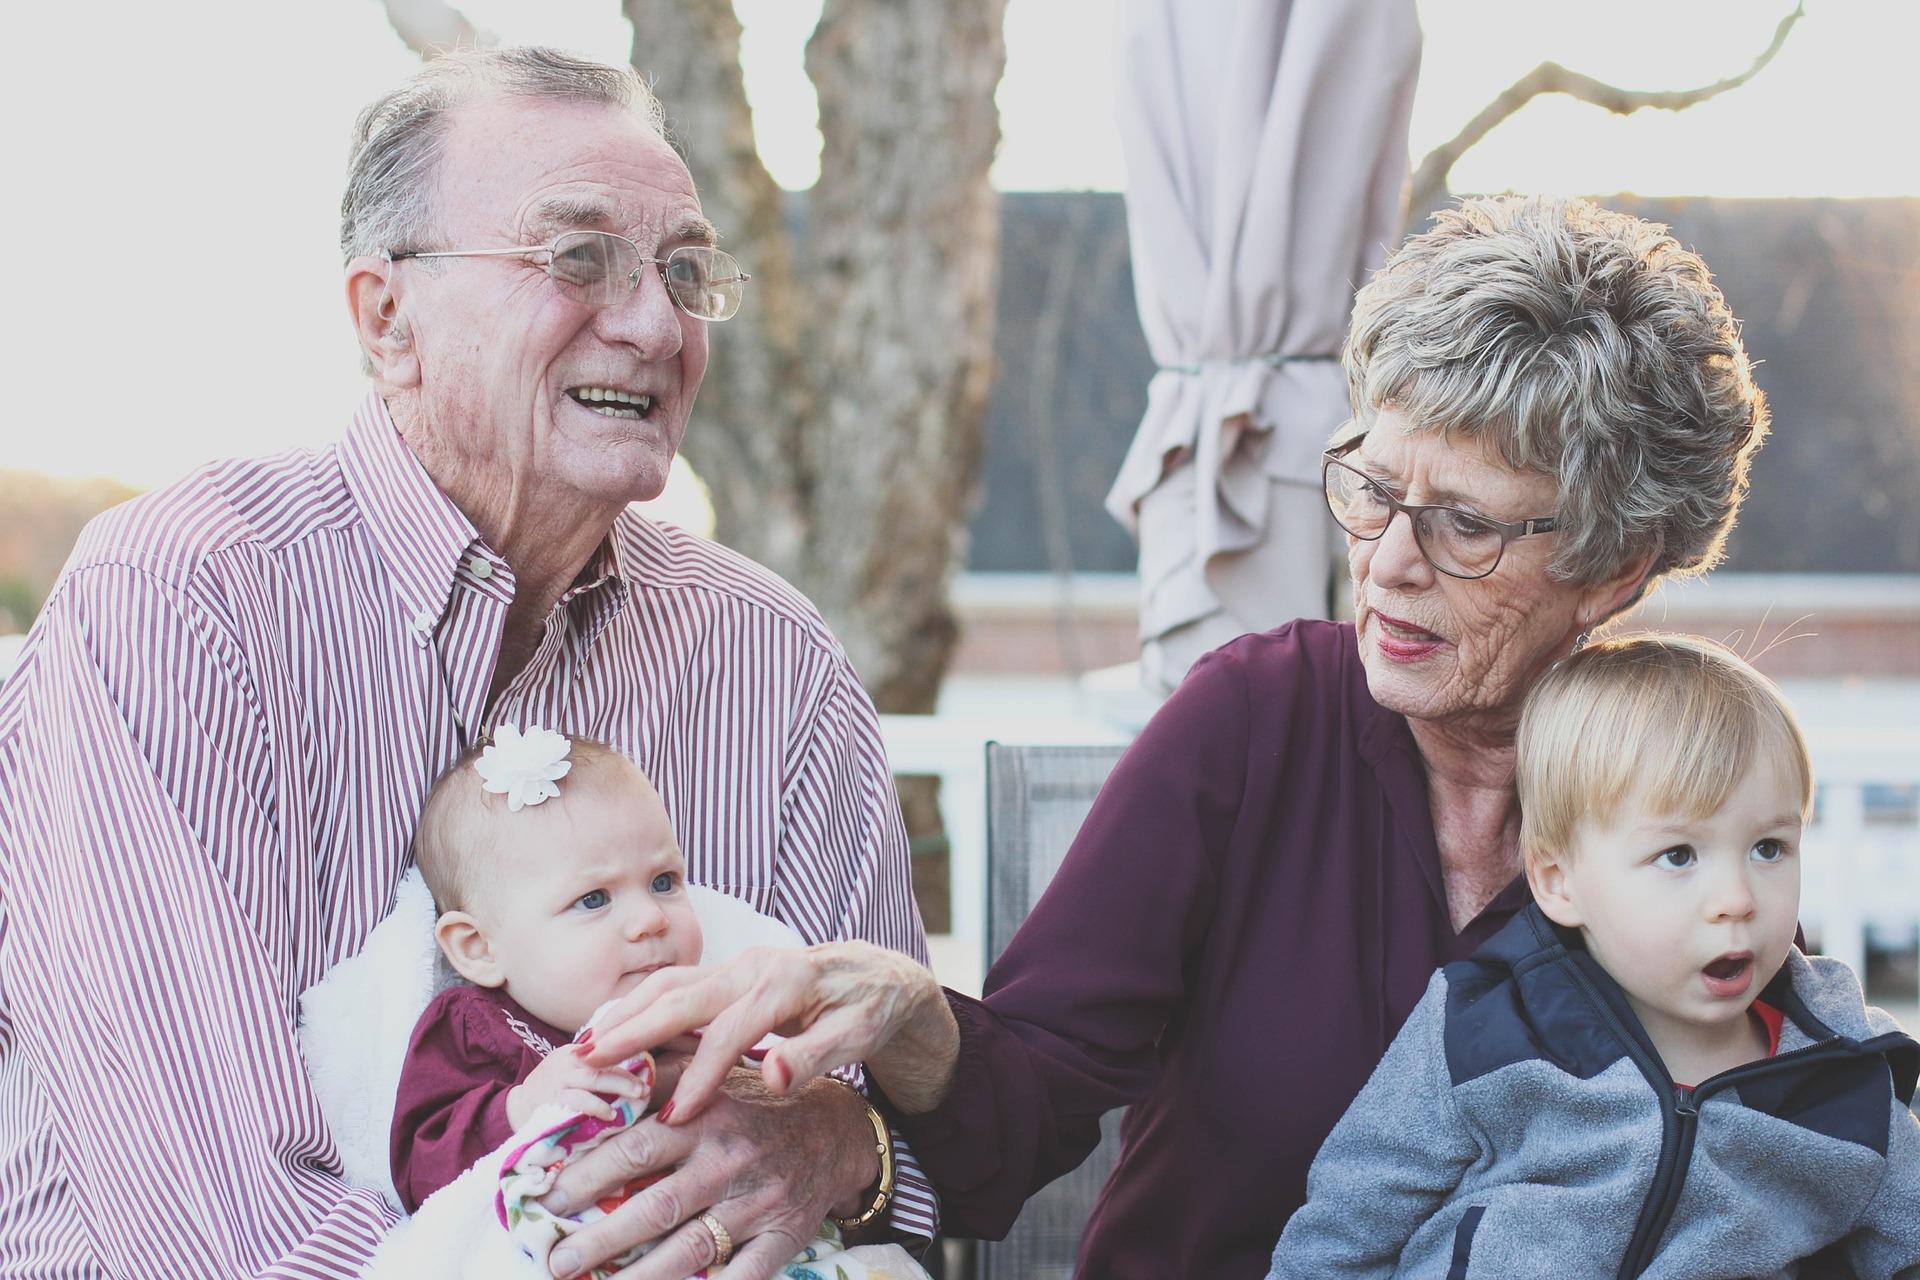 Jövedelmezőbbé válnak a nyugdíjcélú megtakarítások